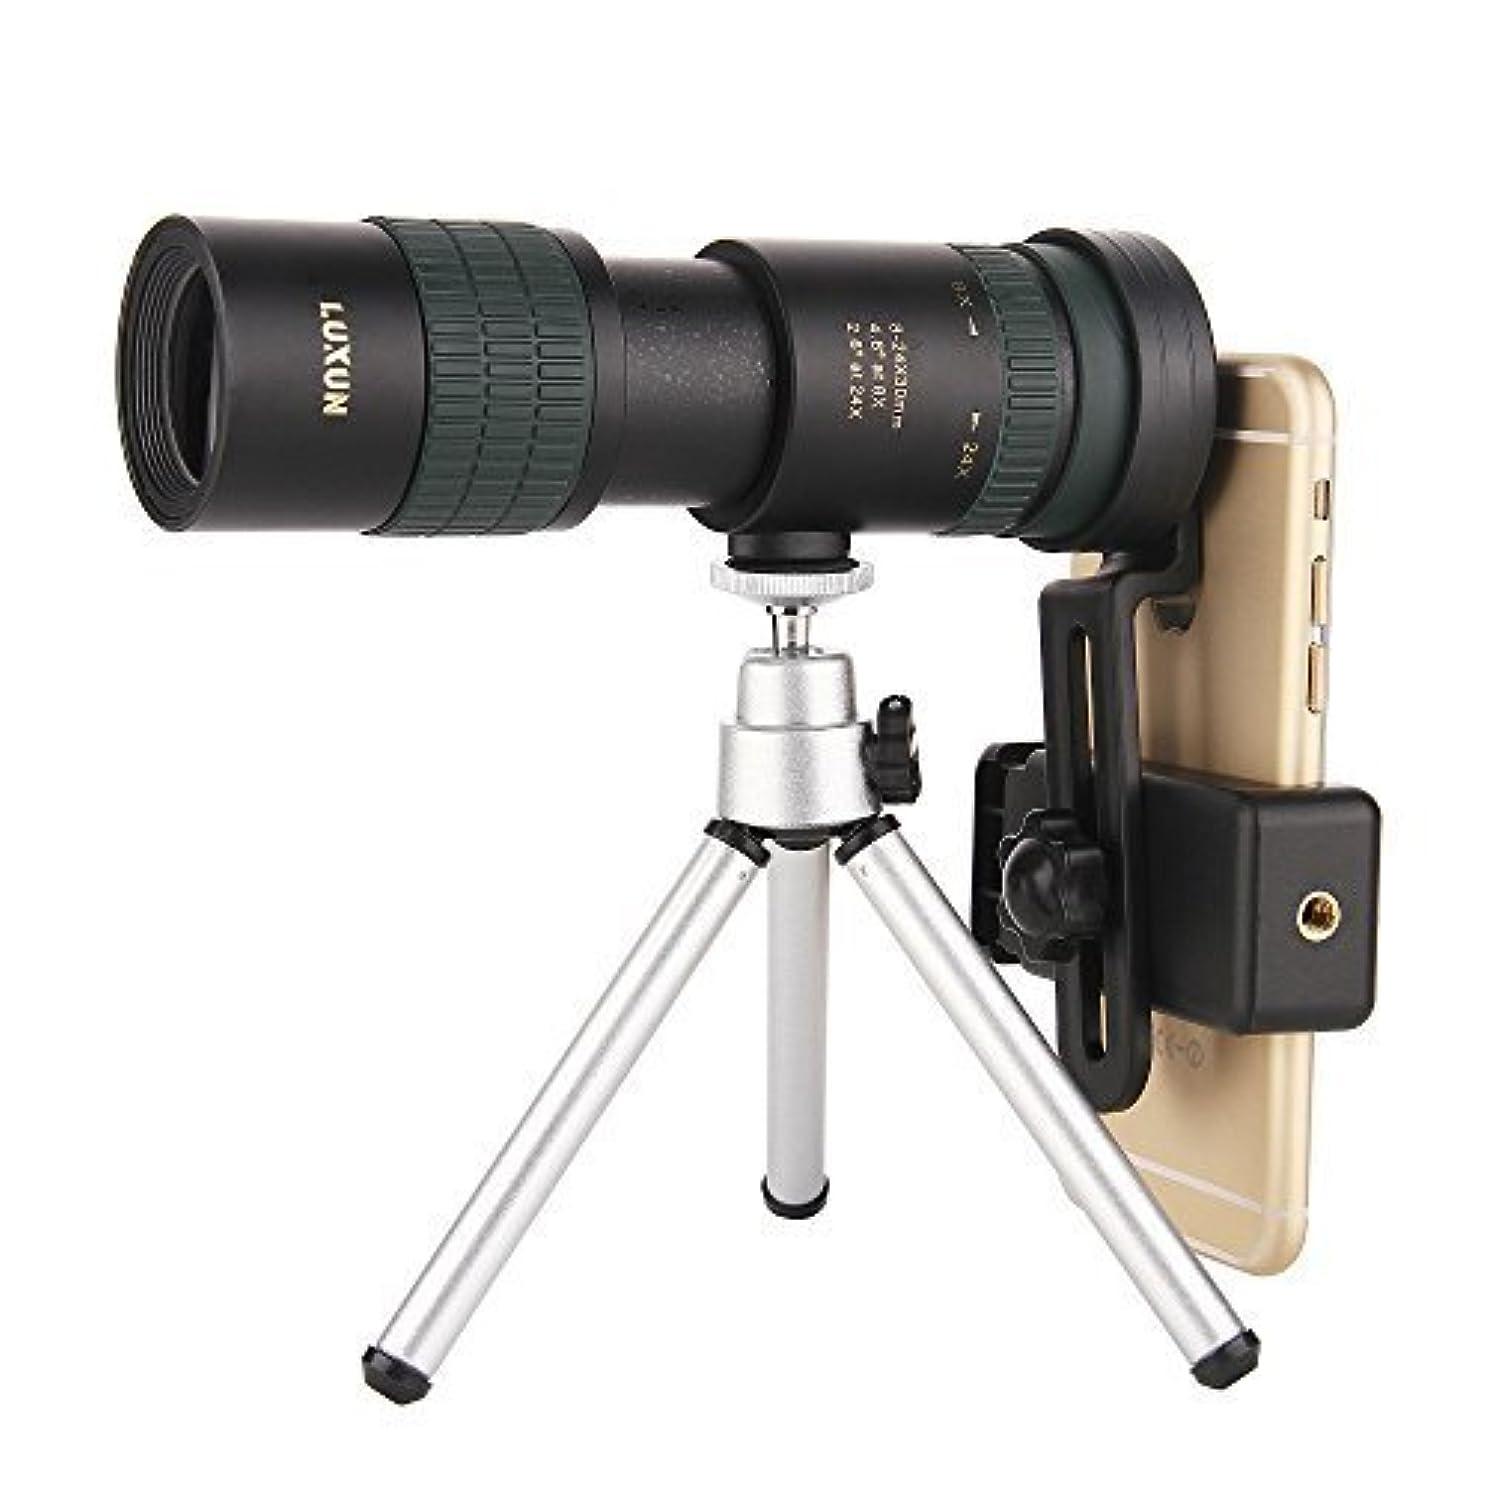 床空虚推論LUXUN 単眼鏡 8-24x30 高倍率 コンパクト 軽量 昼夜兼用 スマホ対応 高画質 アウトドア旅行/観光/狩猟/登山/スポーツ観戦 携帯ホルダー&三脚付き